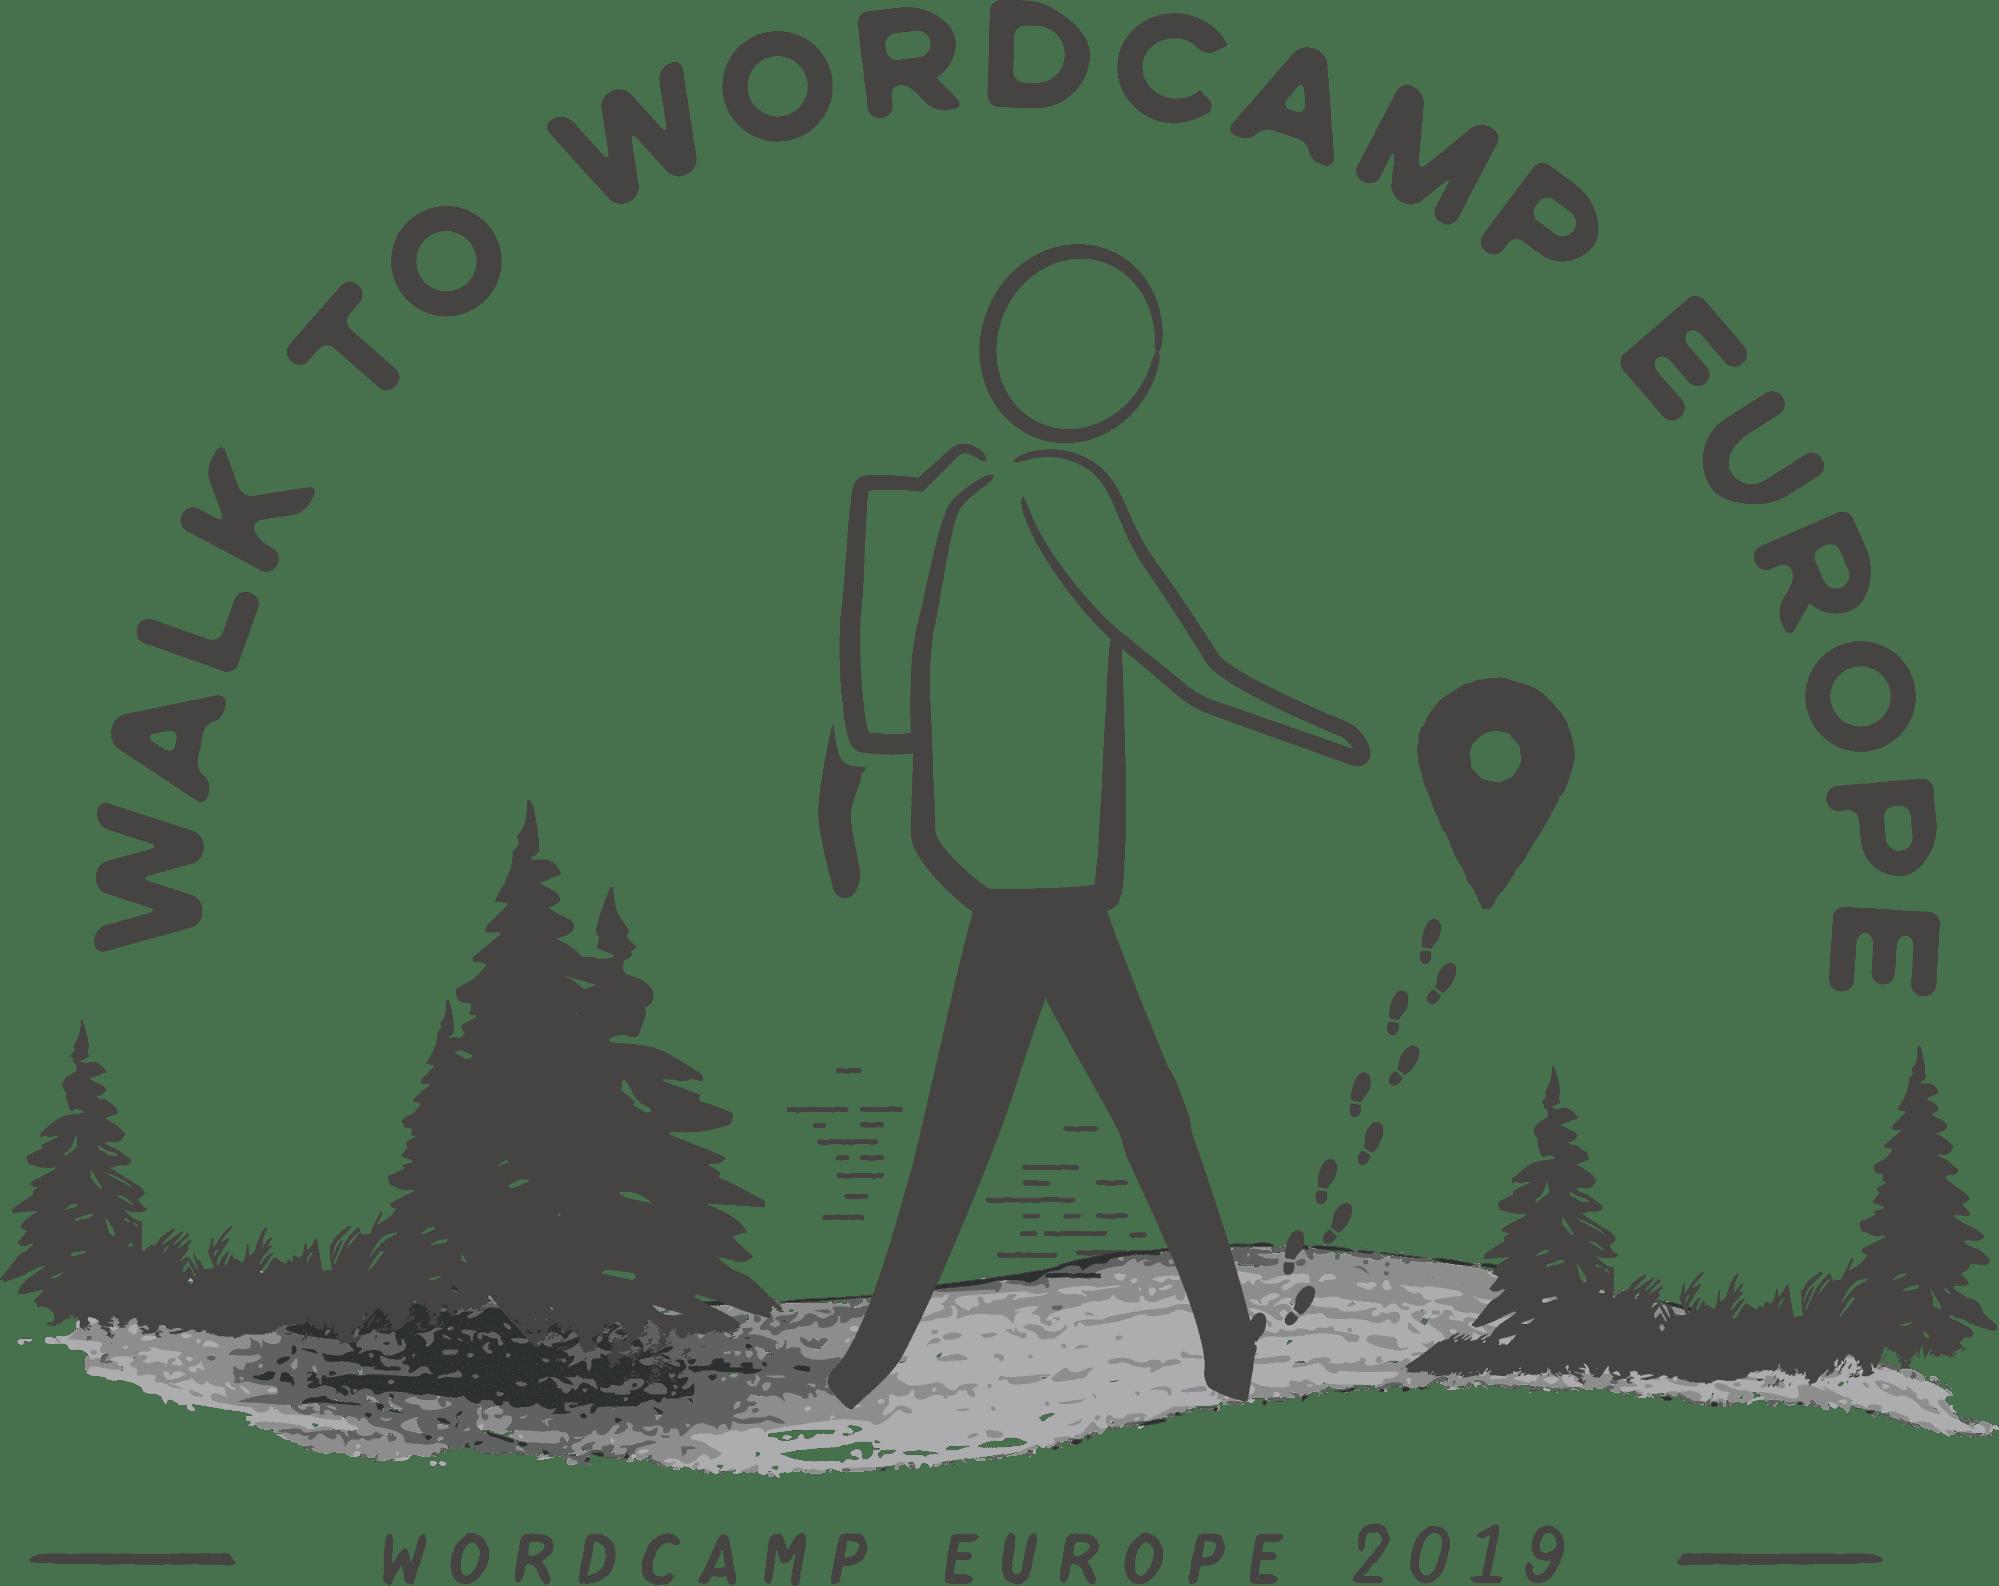 Walk to WordCamp Europe